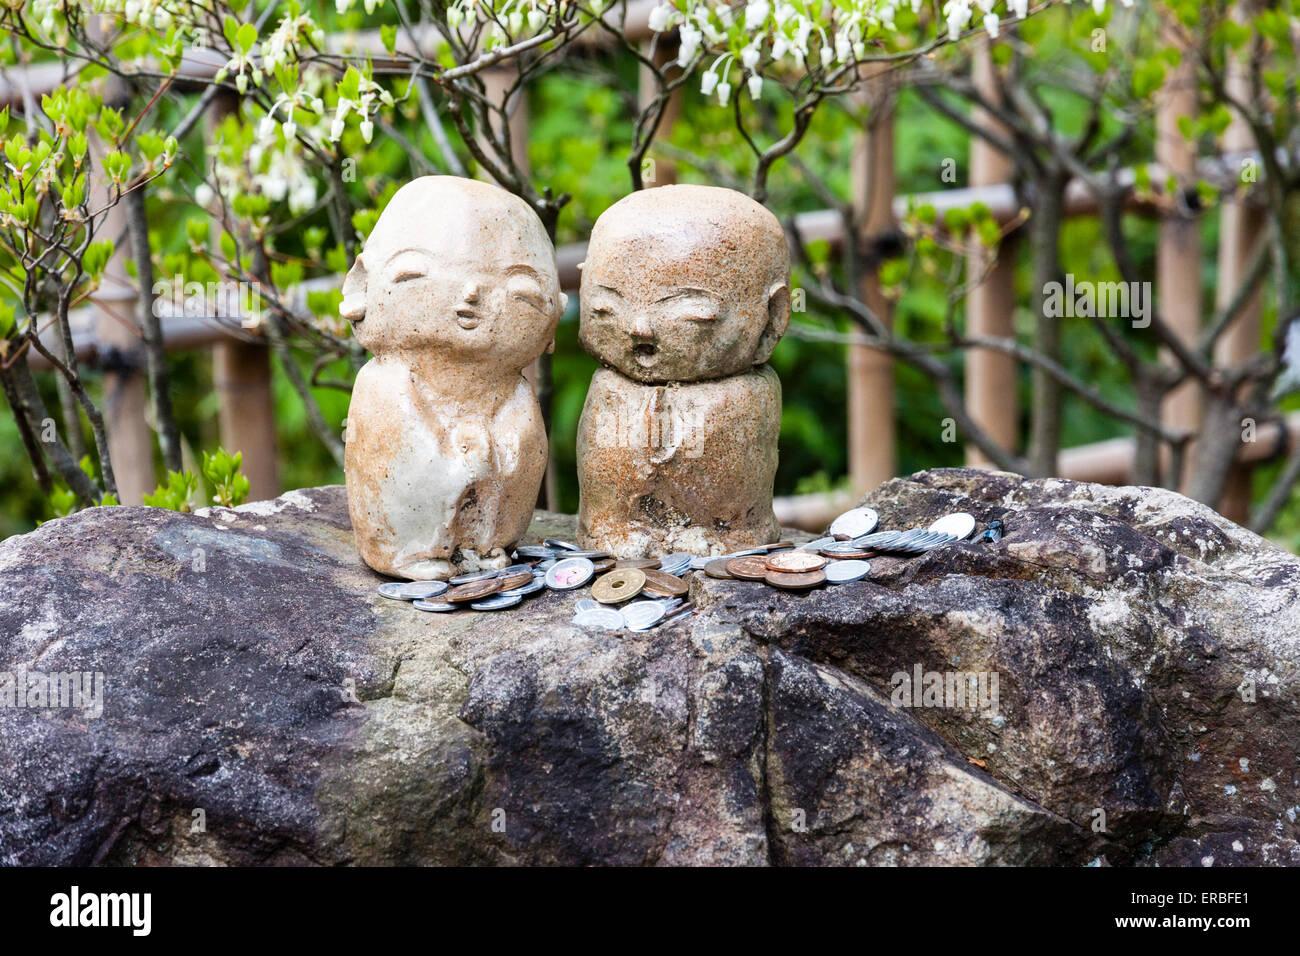 Japan, Kyoto, Chion-in Tempel. Zwei Jizo kleine Statuen, legen Sie als Paar, auf einem Felsen, mit Münzen verstreut Stockbild